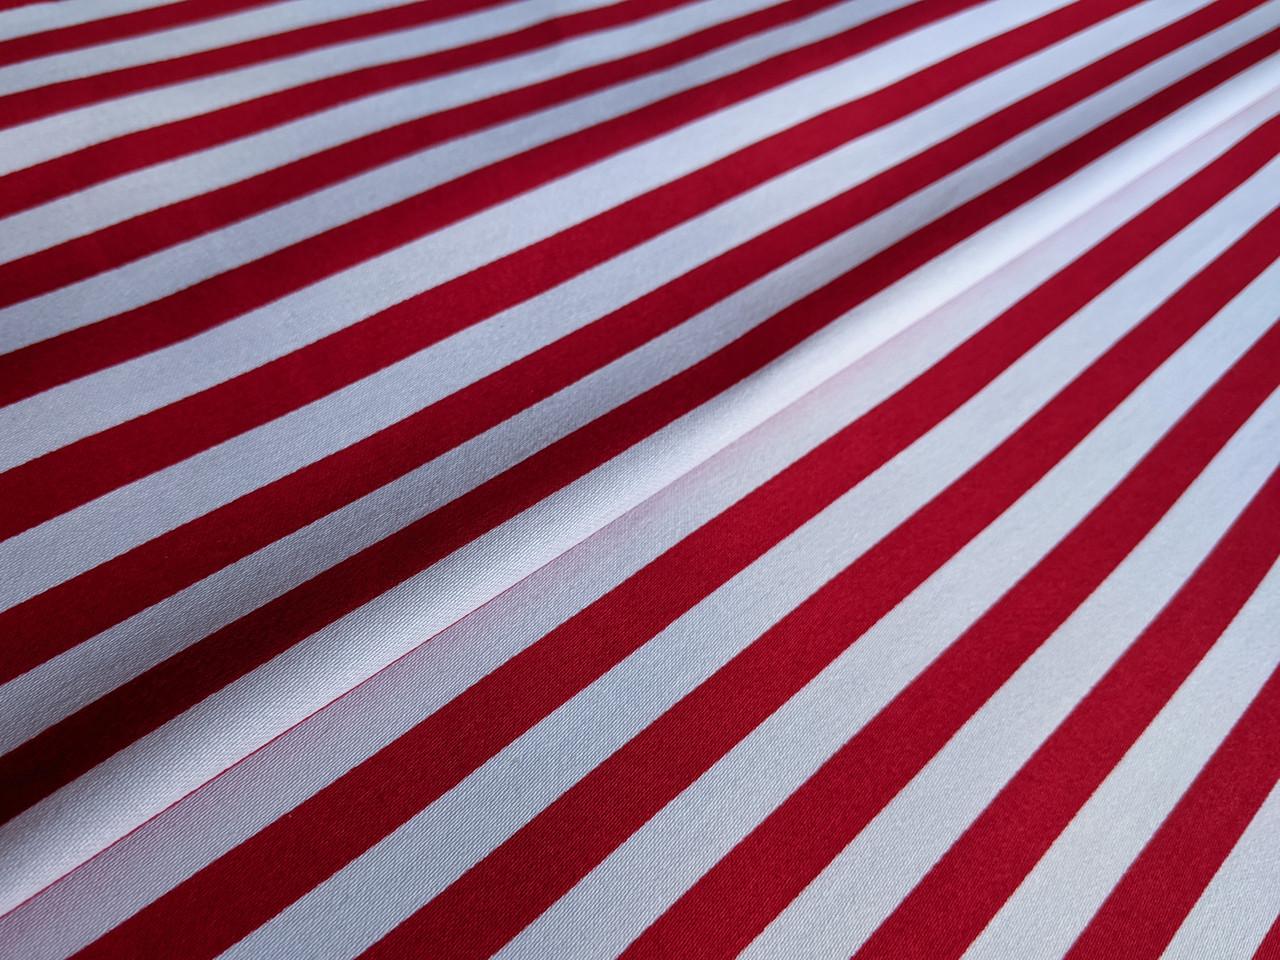 Ткань Коттон сатин полоска 10 мм, красная на белом